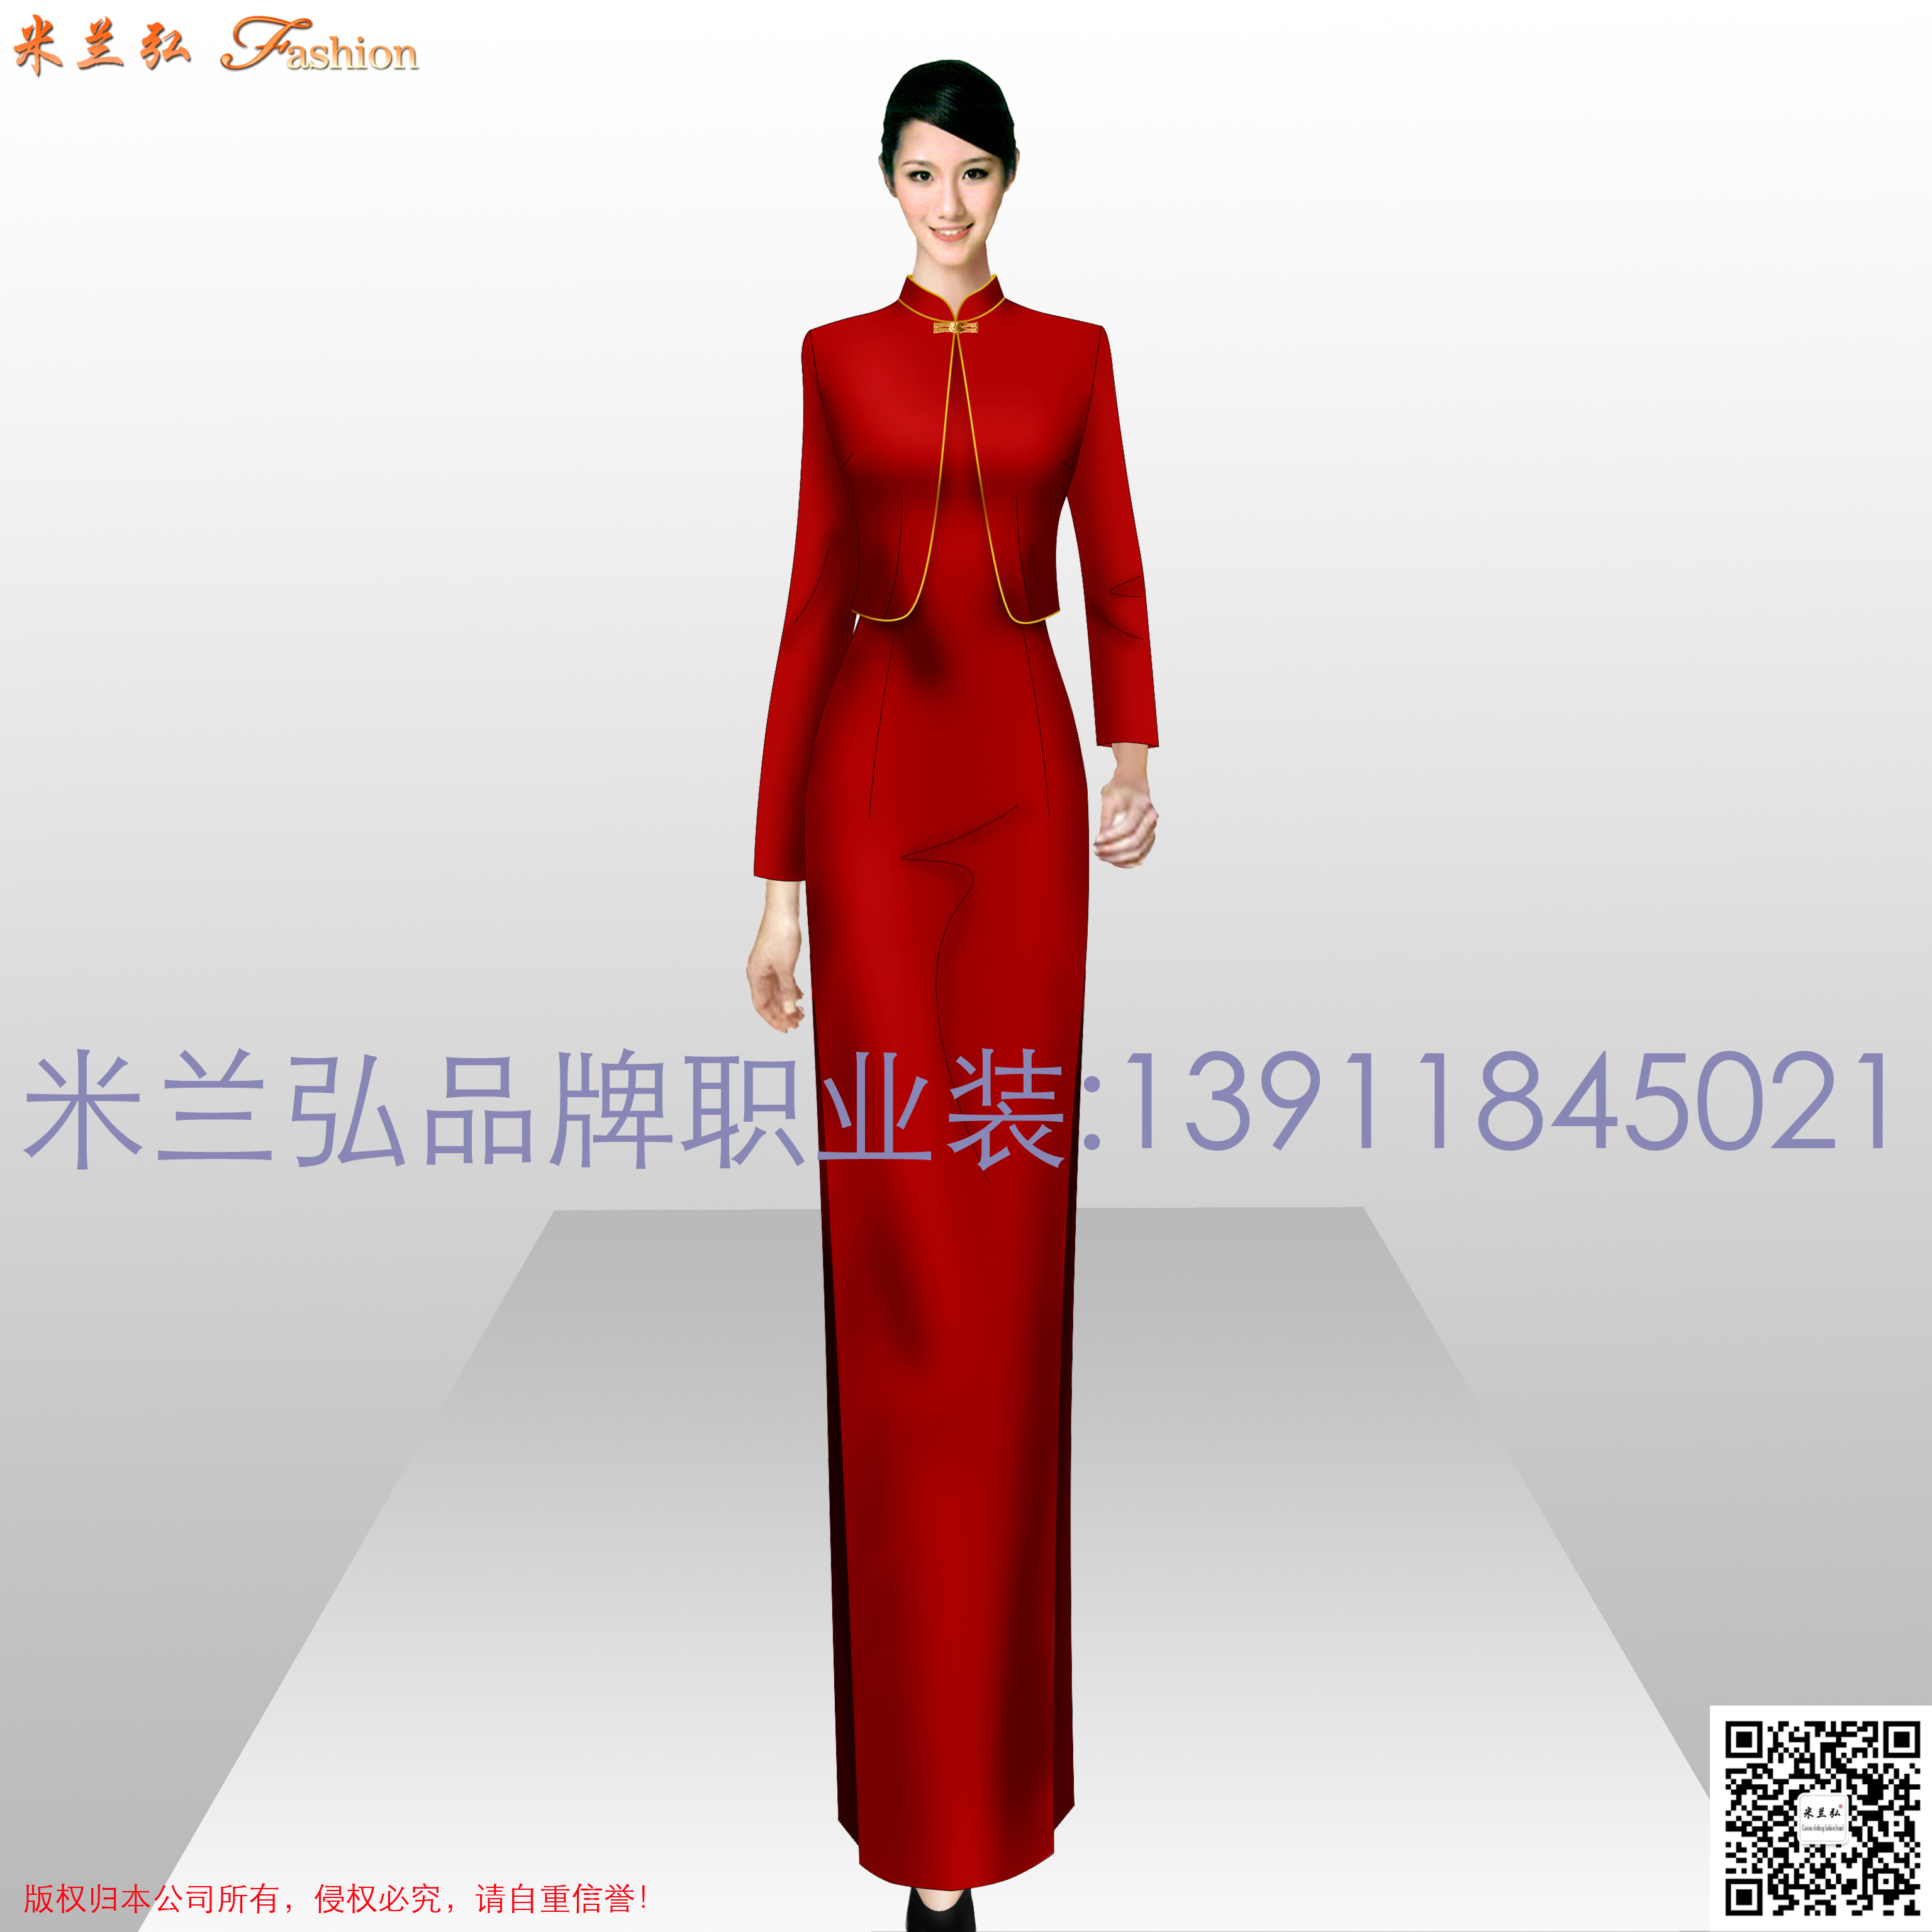 「中式旗袍定制」「古典旗袍订制」-米兰弘品牌服装-2